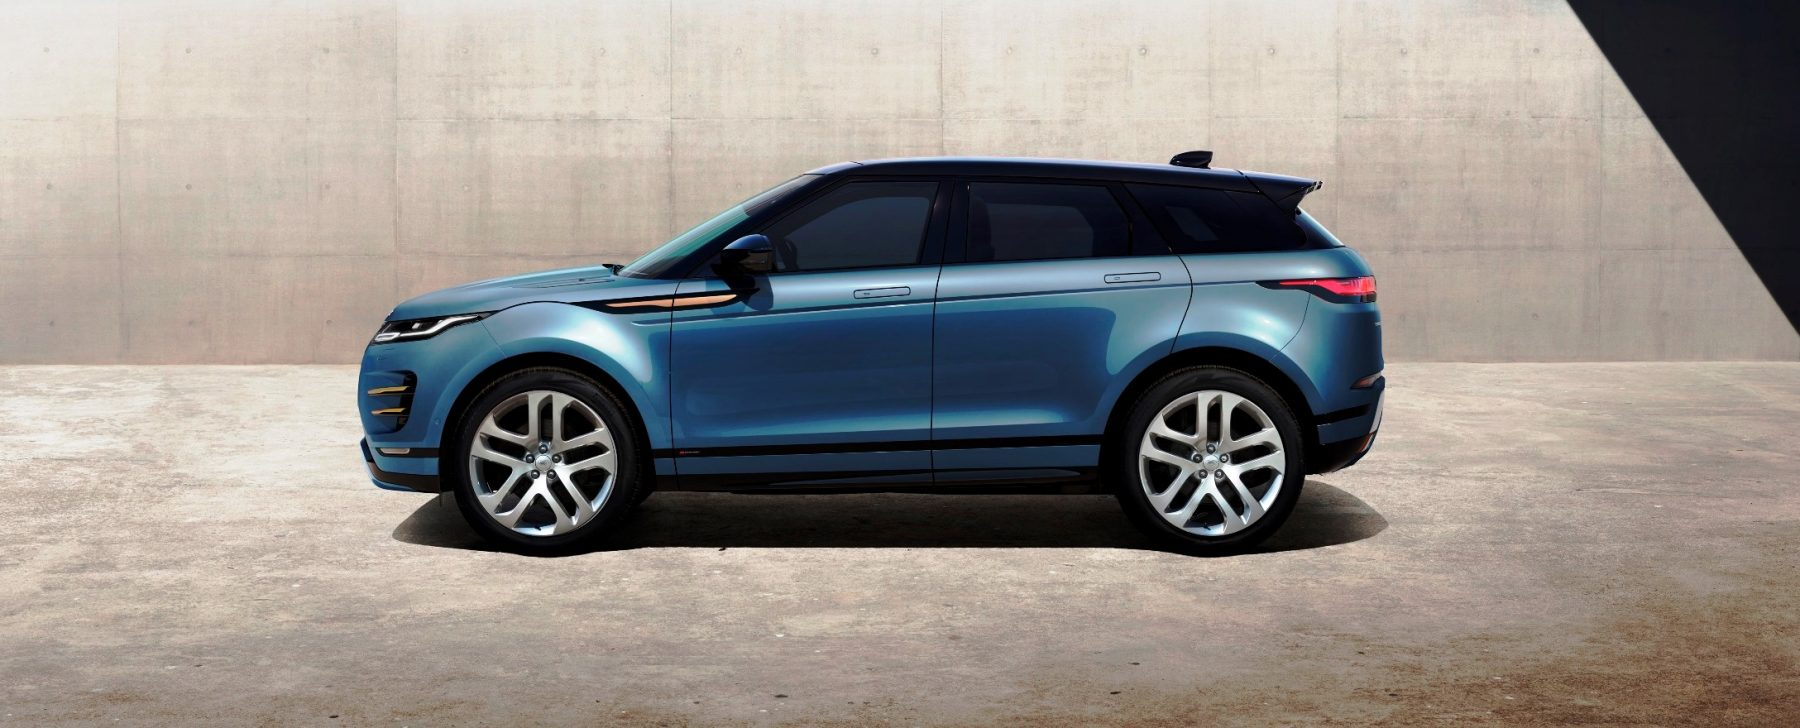 4bb56c1cc5154 El diseño de la segunda generación del Evoque es continuista.   Land Rover